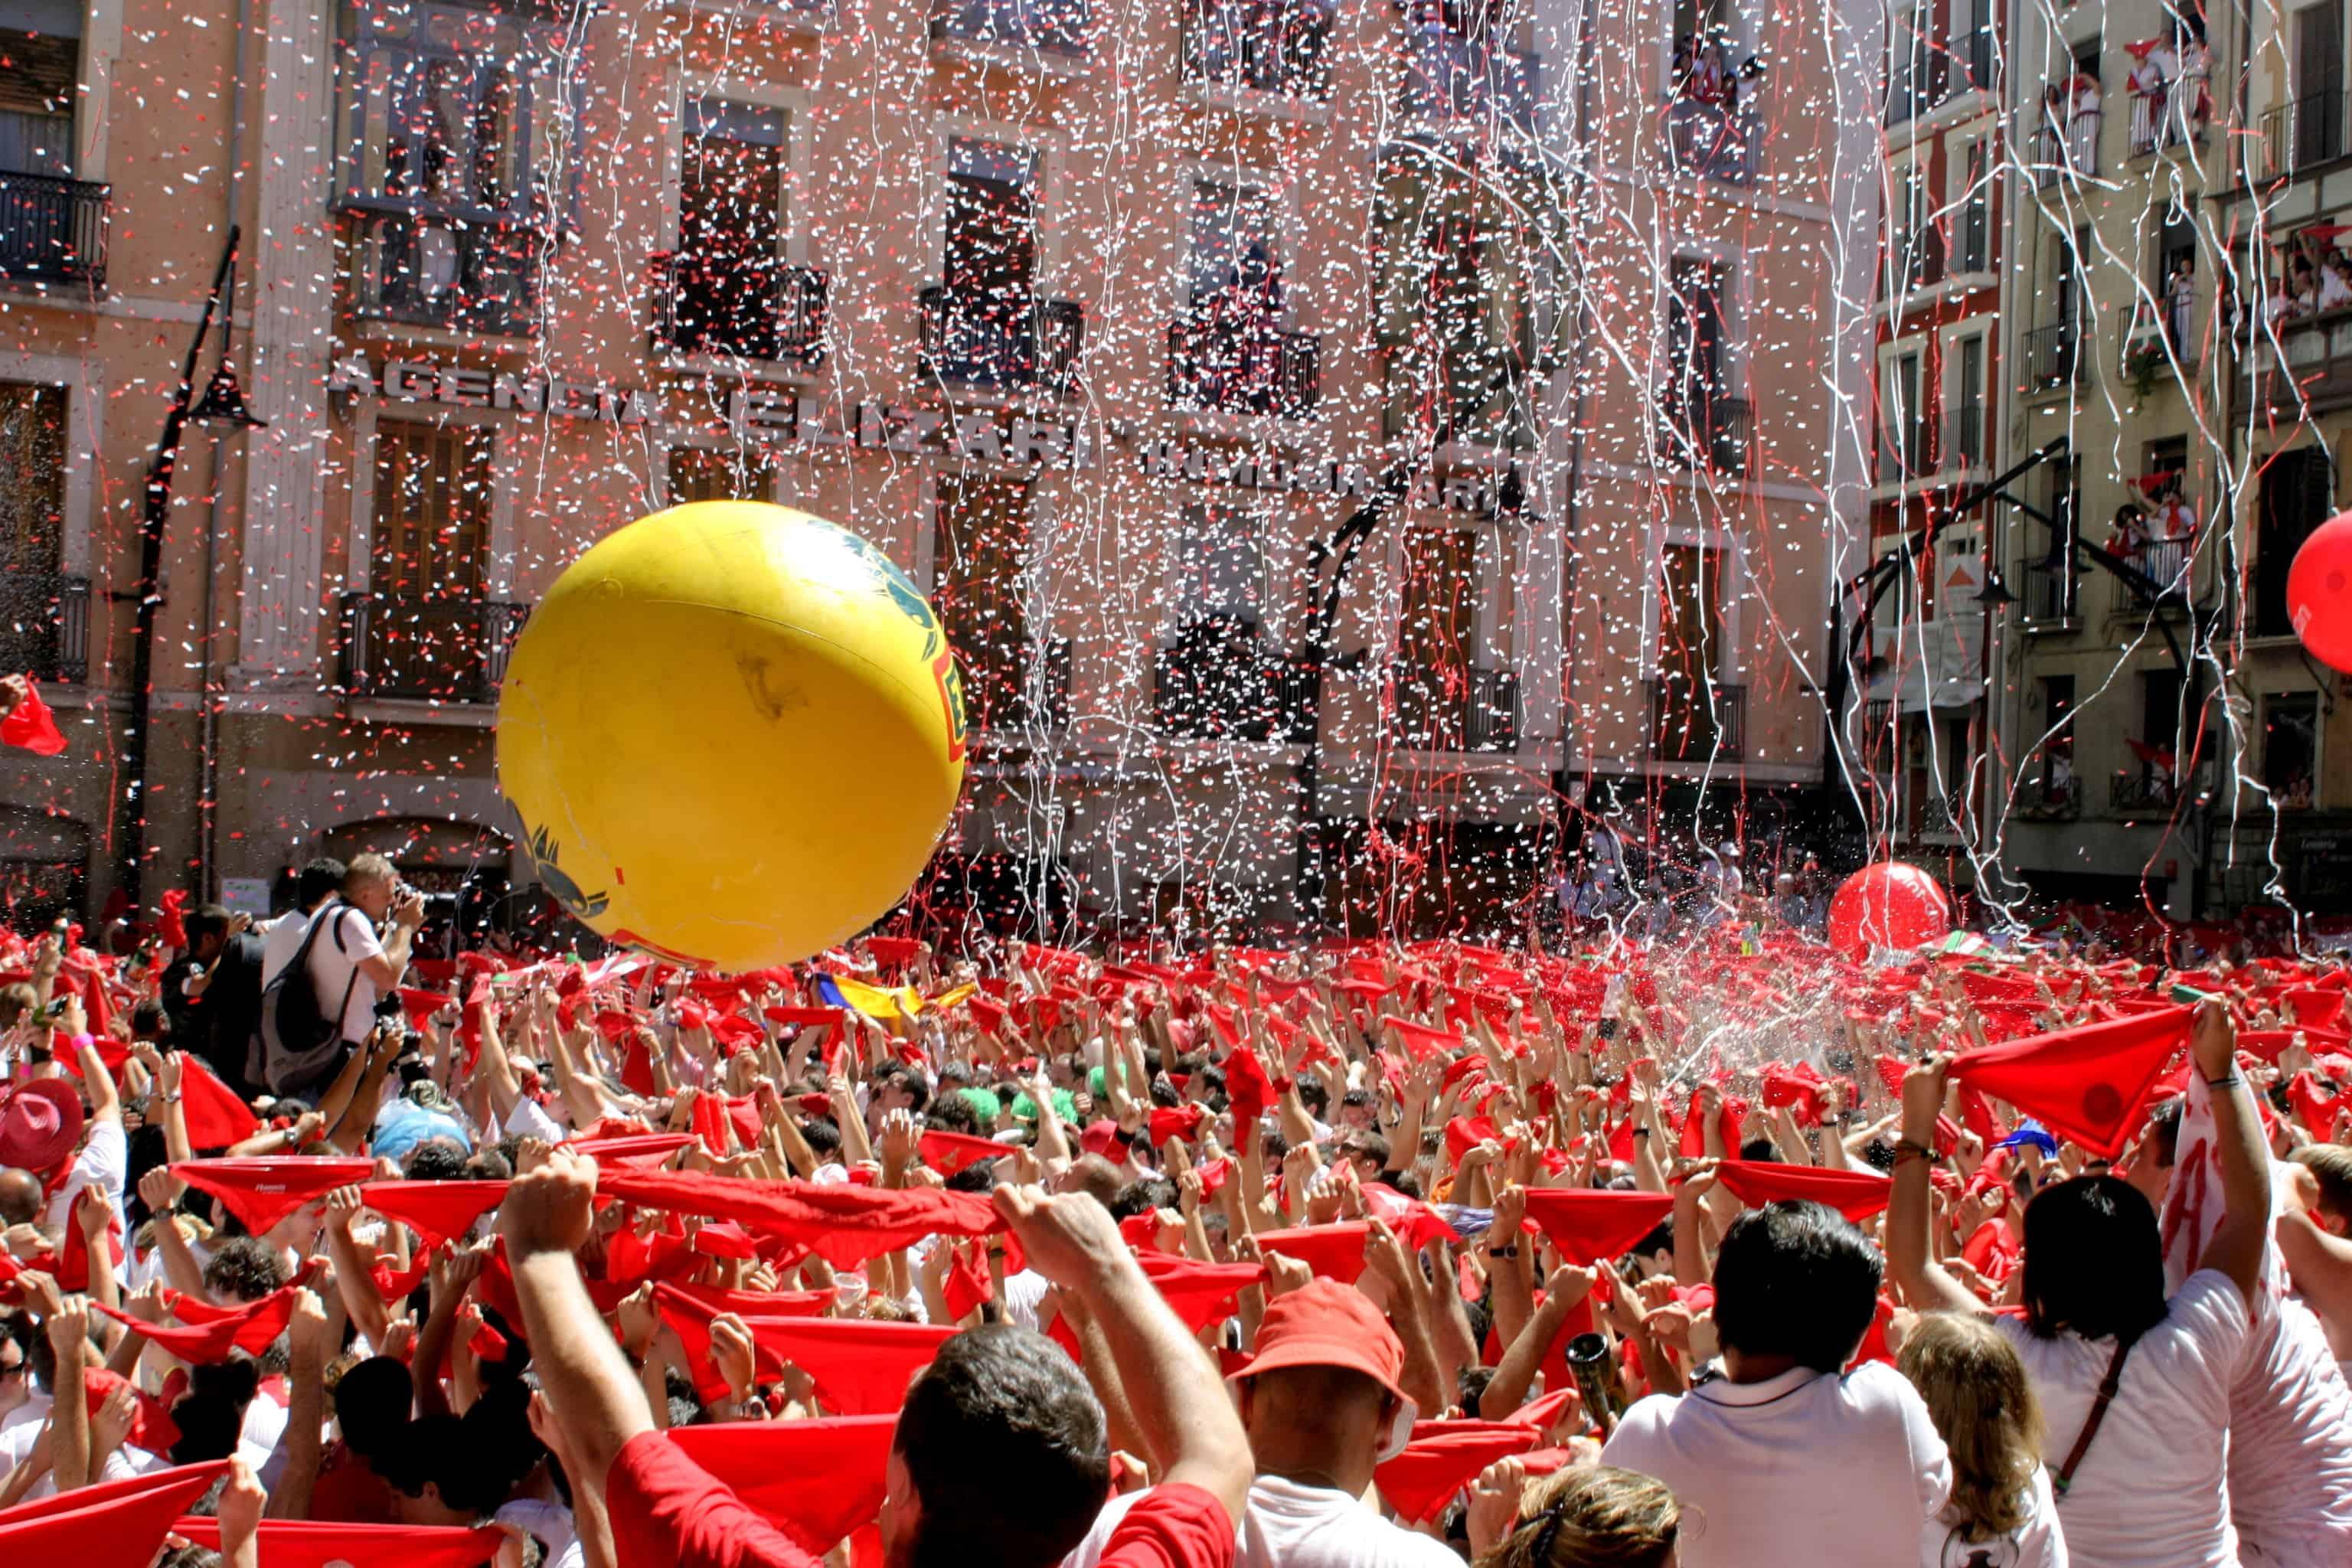 fiestas-celbracione-en-espana